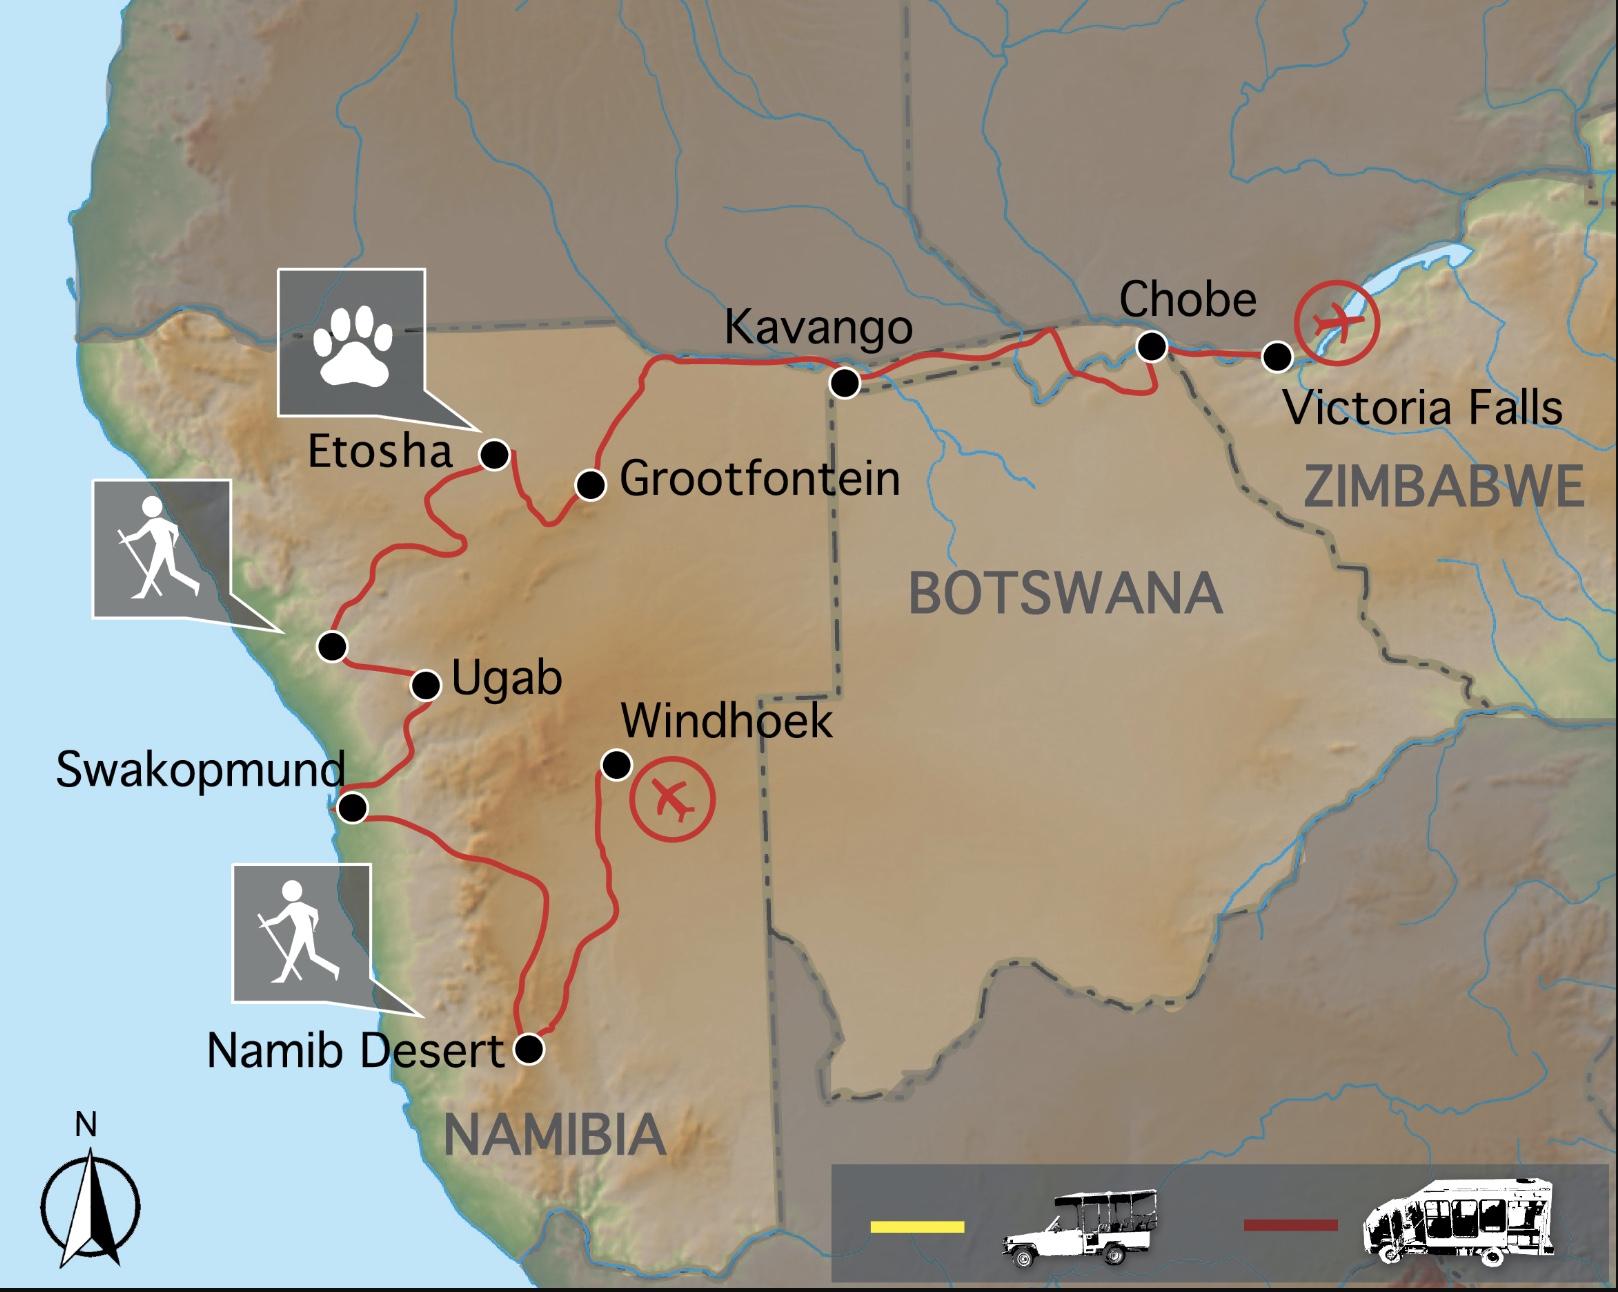 Carte voyage Namibie Botswana Zimbabwe